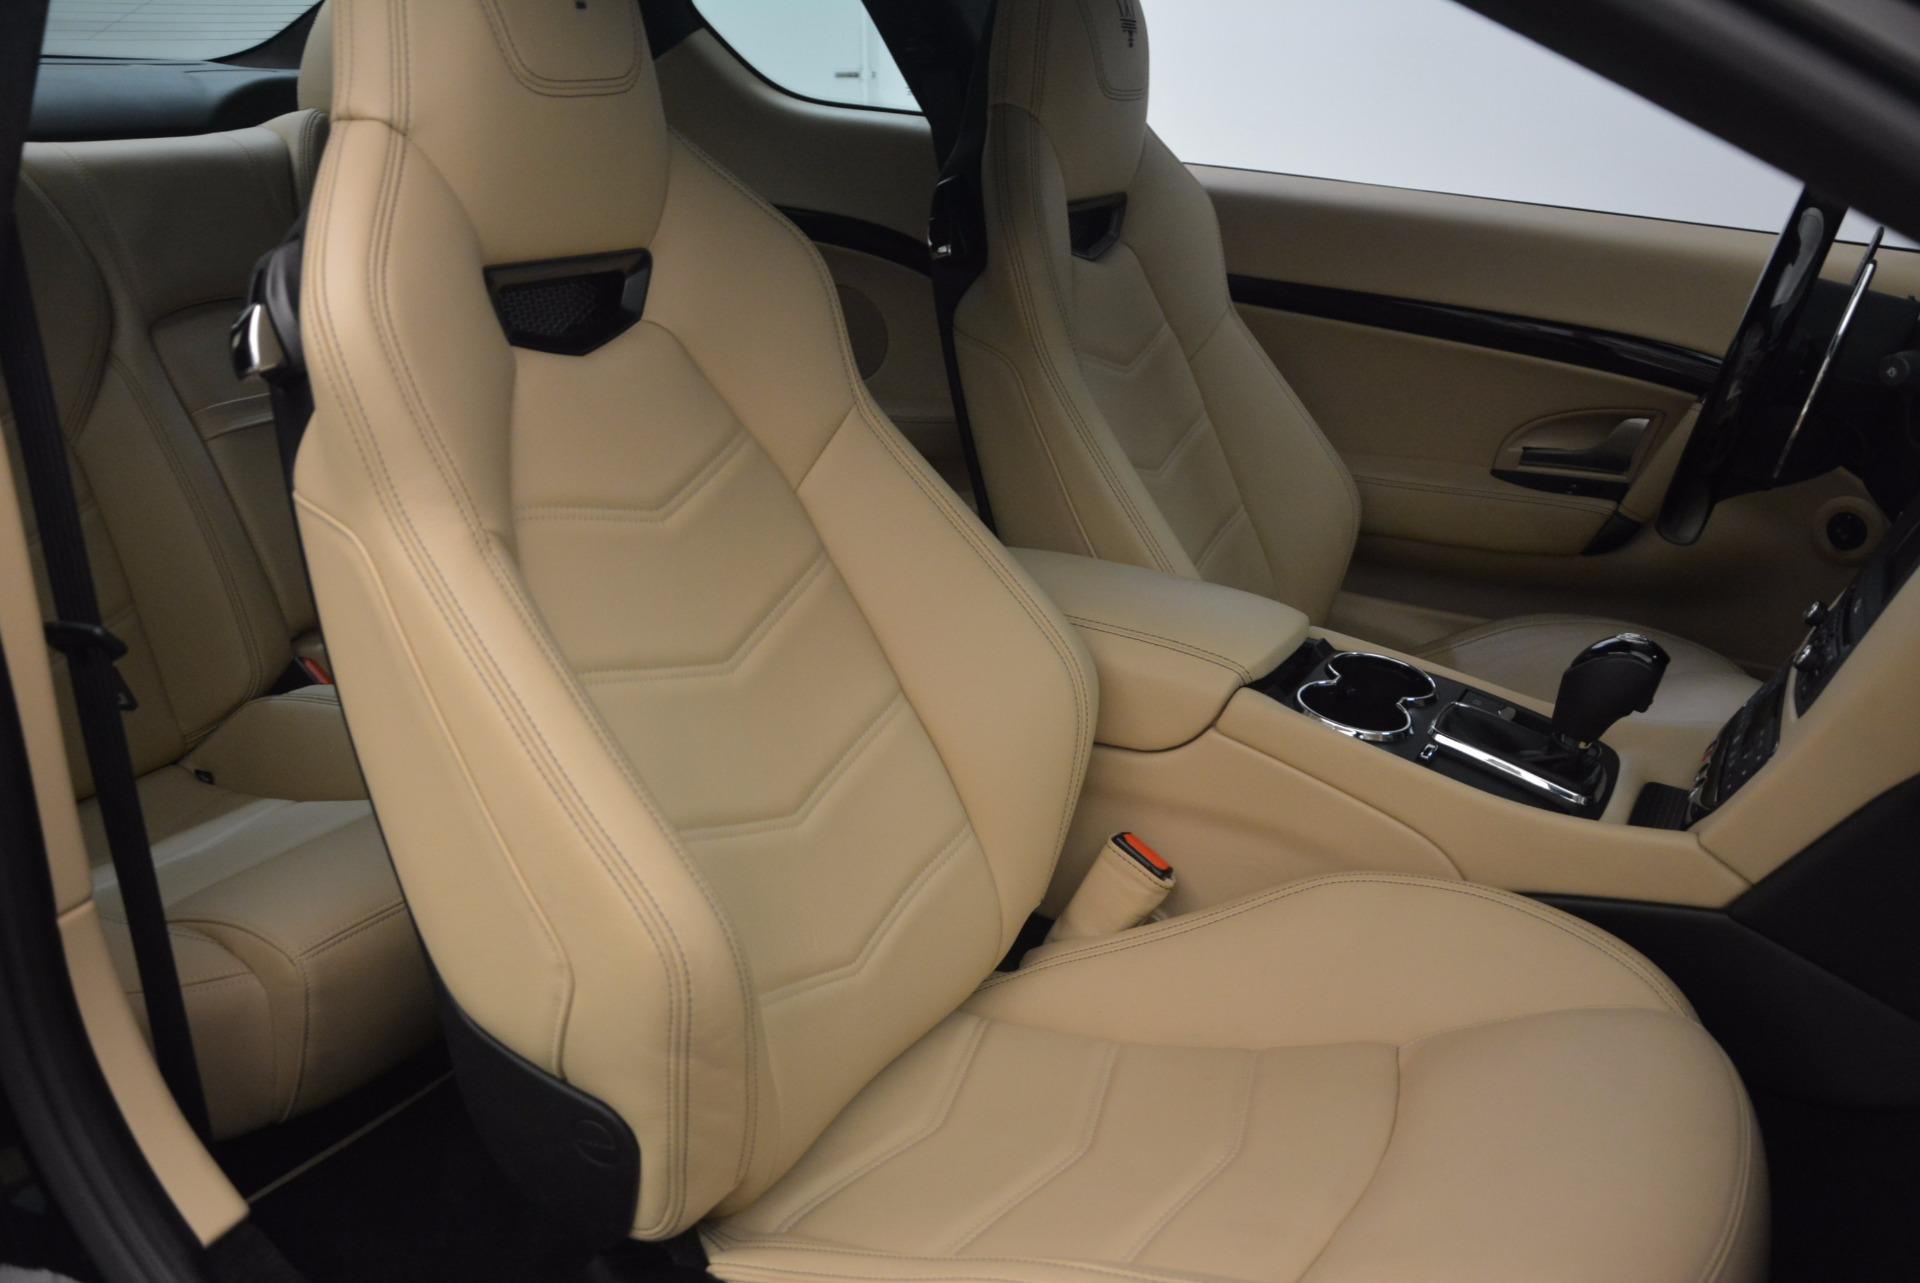 Used 2015 Maserati GranTurismo Sport Coupe For Sale In Greenwich, CT 1557_p24